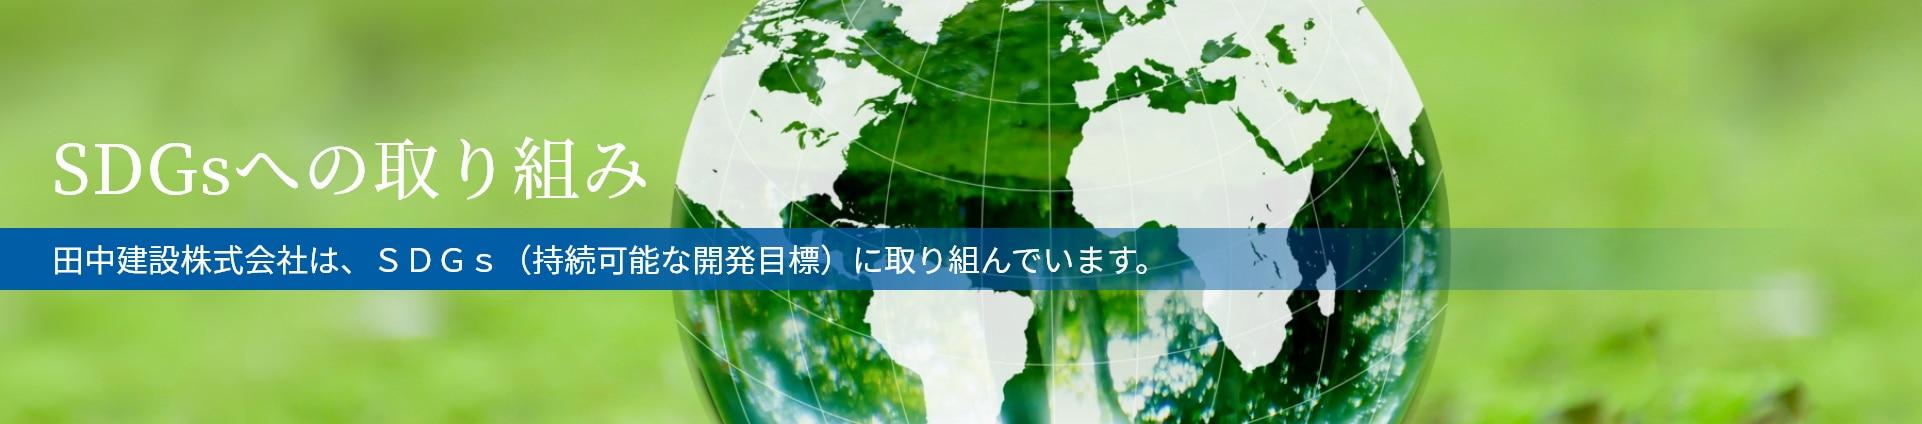 SDGsへの取り組み-田中建設株式会社は、SDGs(持続可能な開発目標)に取り組んでいます。